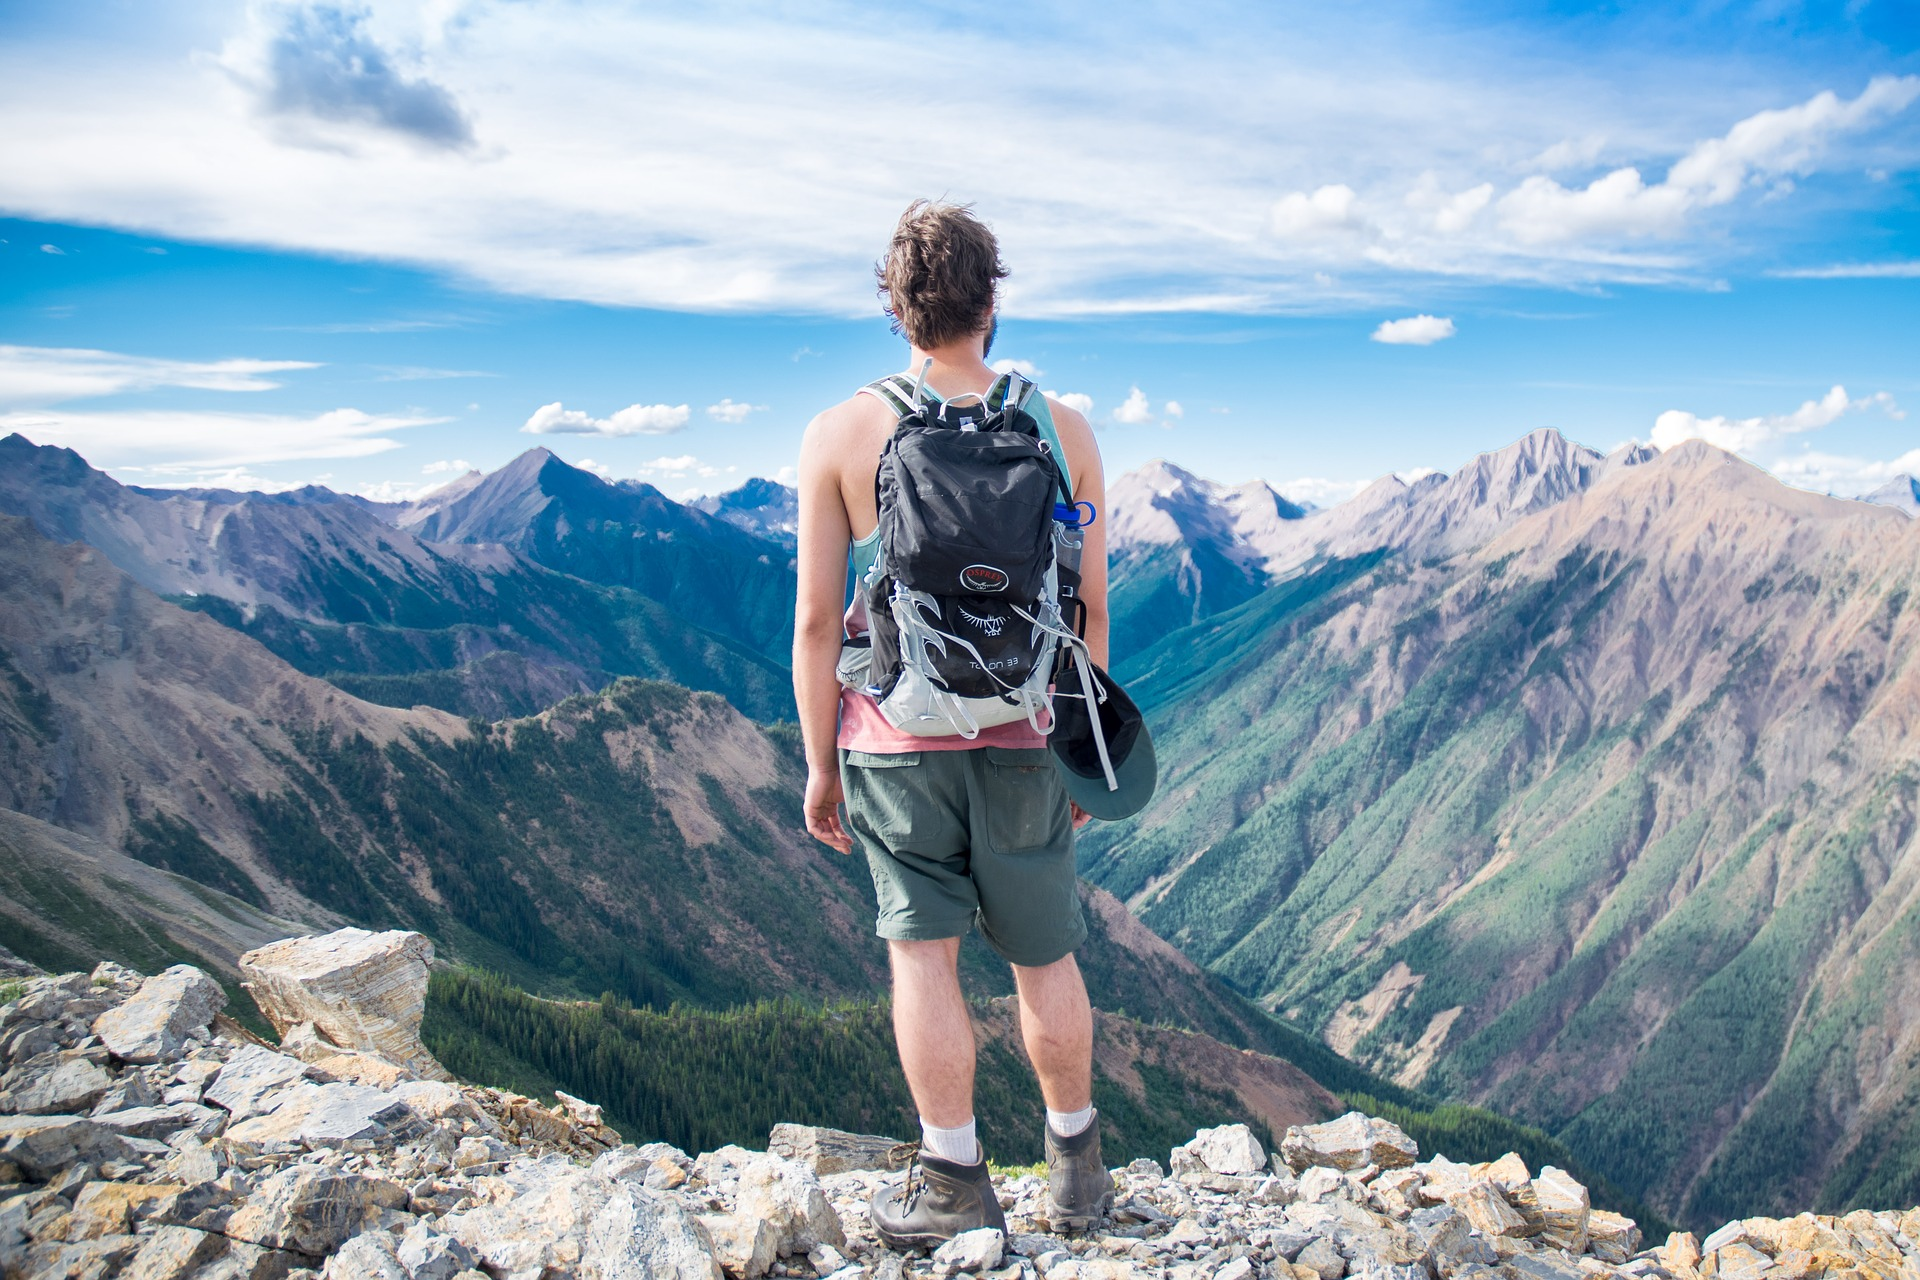 冒険をしている男性の画像